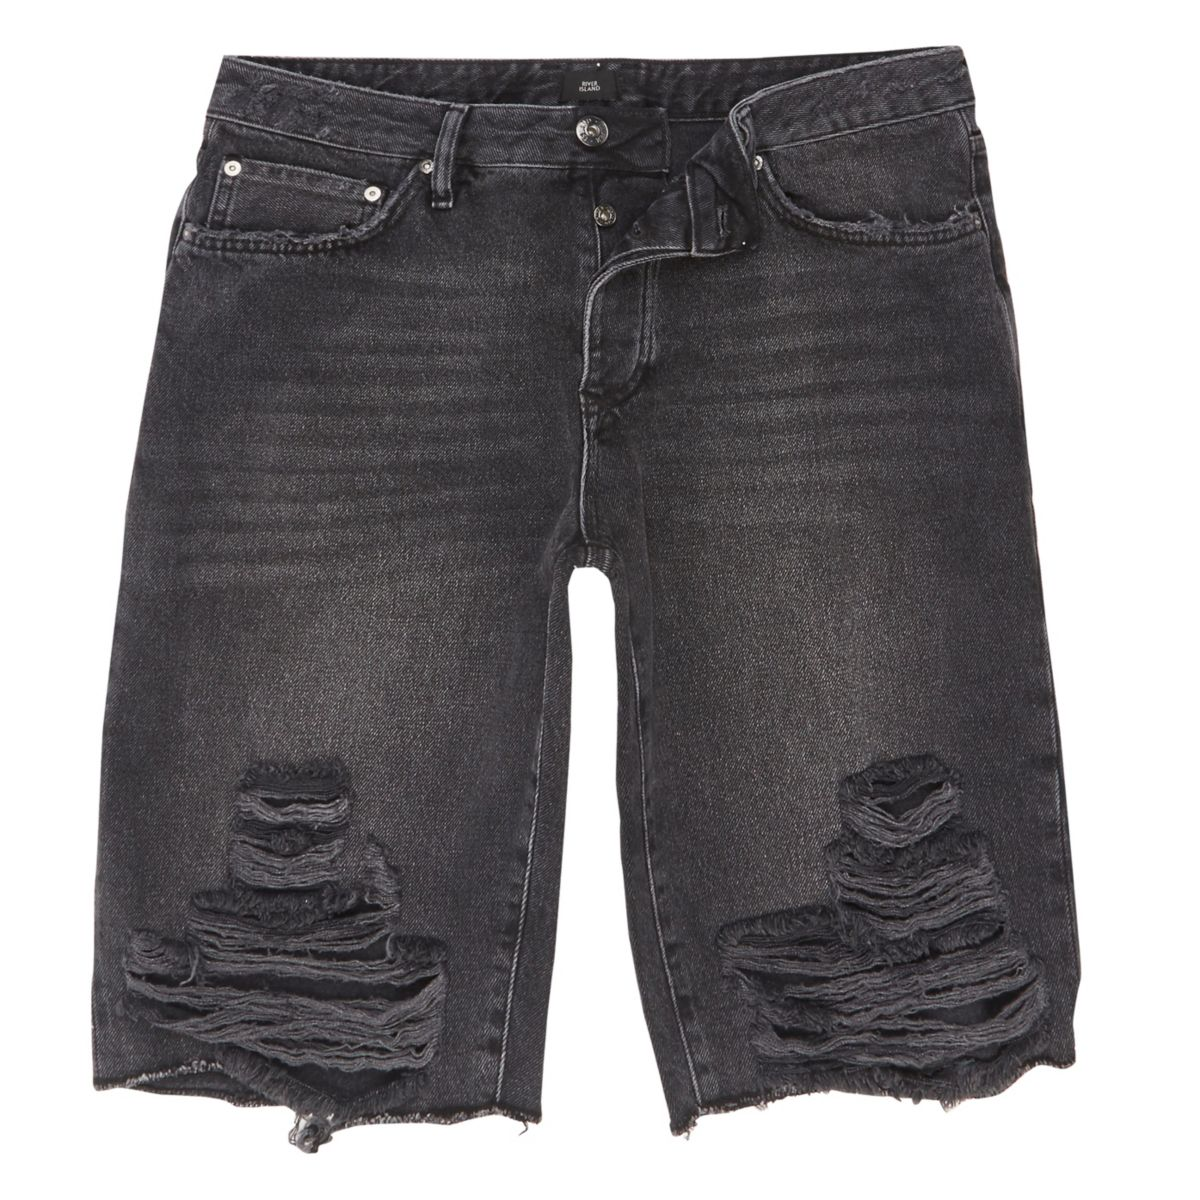 Black wash ripped knee denim shorts